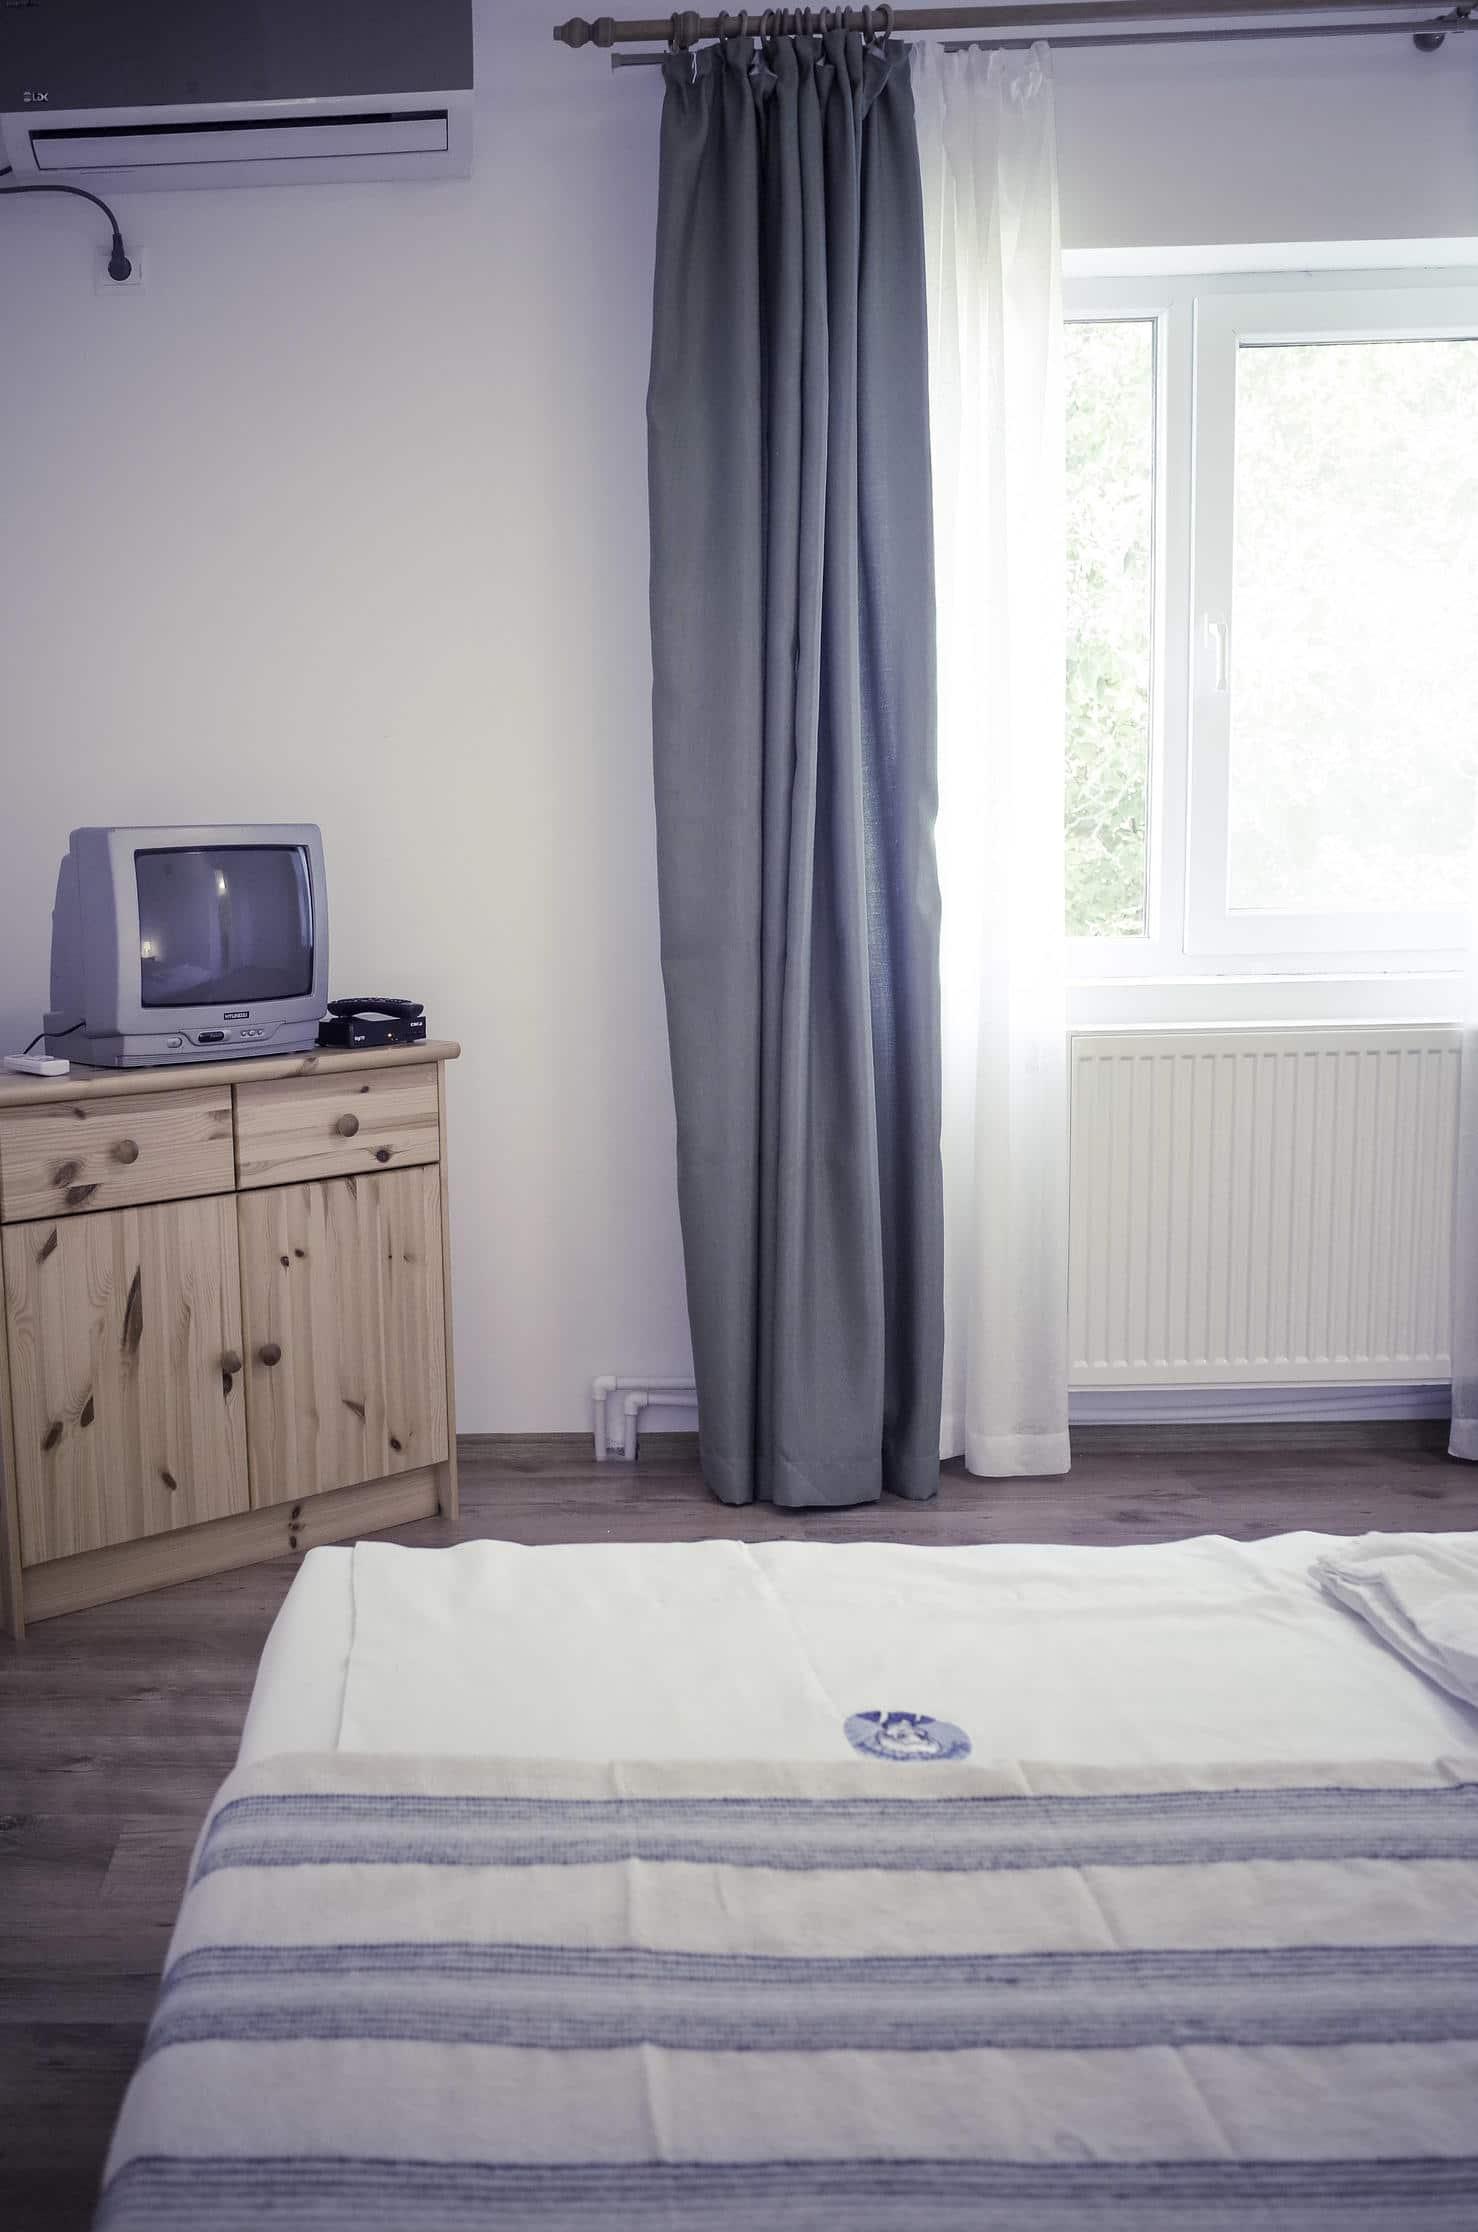 Room no. 5-2